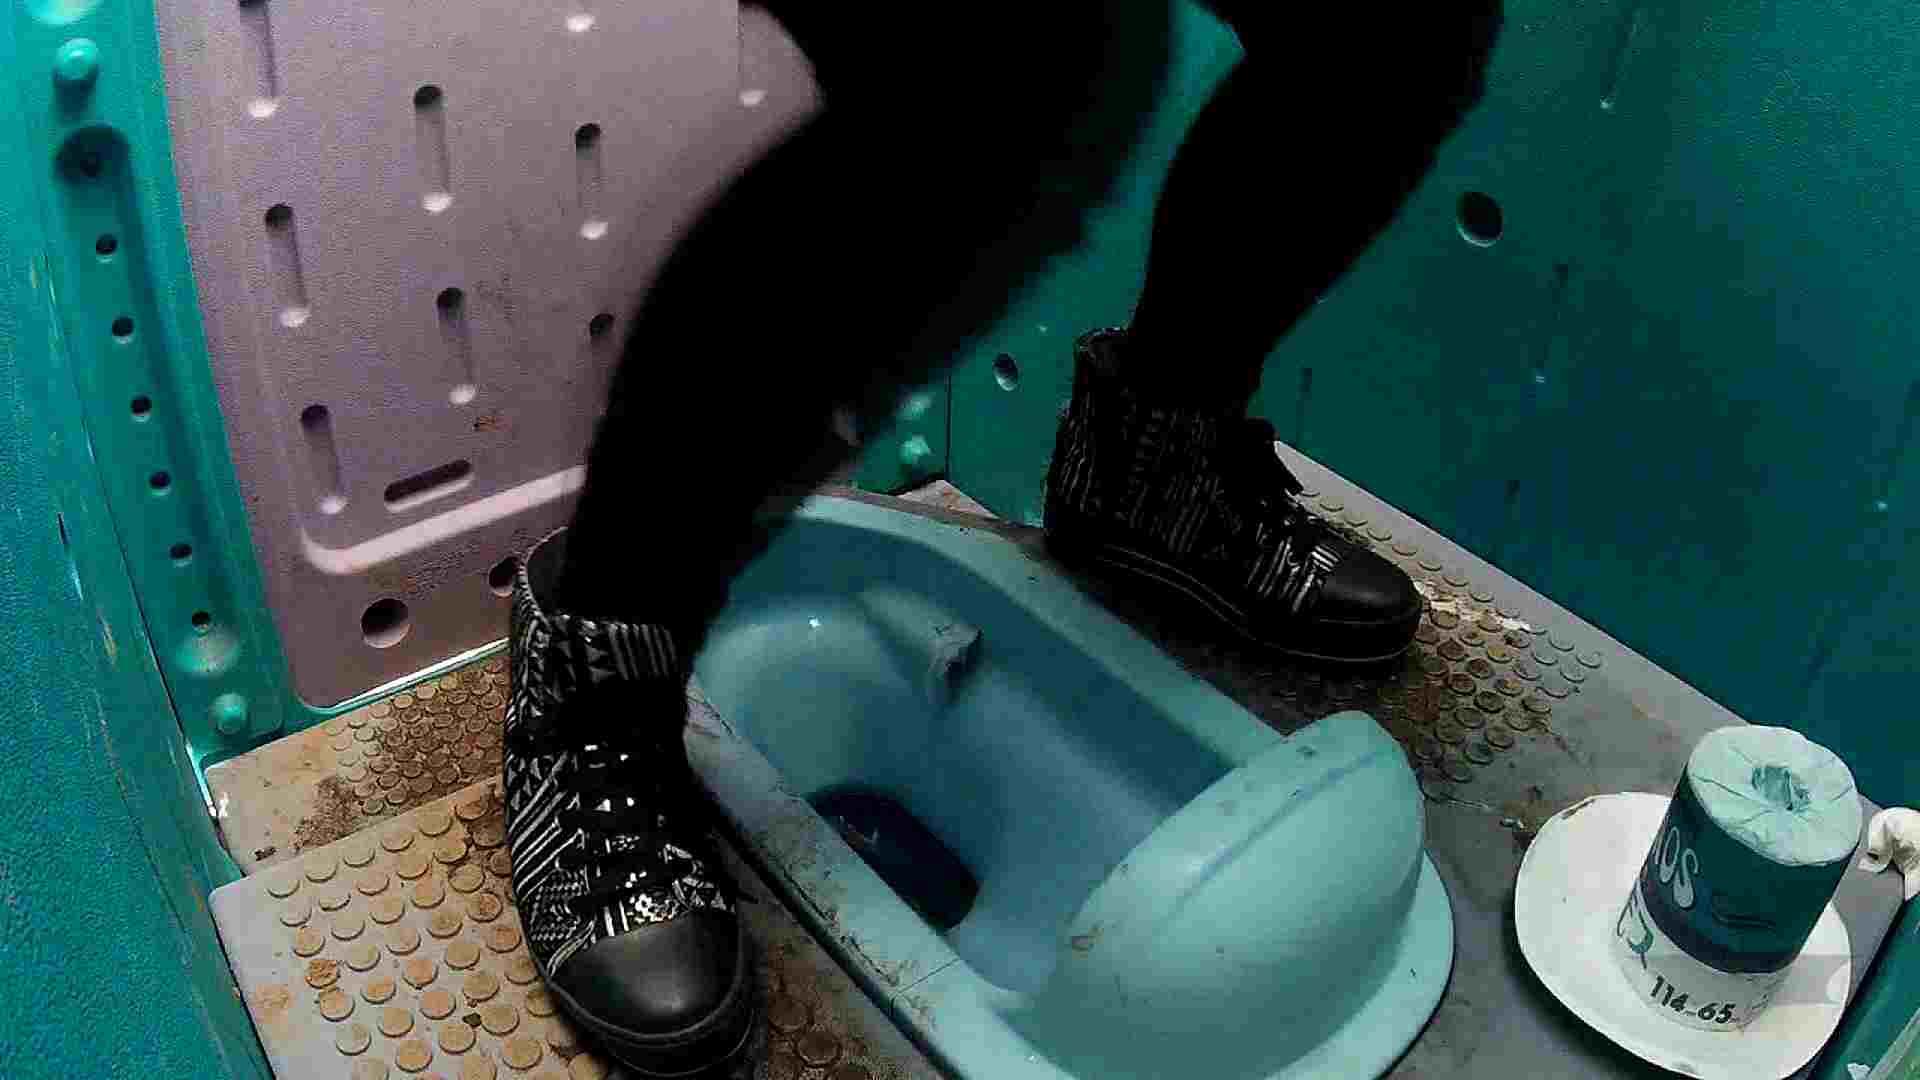 痴態洗面所 Vol.06 中が「マジヤバいヨネ!」洗面所 洗面所着替え | OL  100連発 80